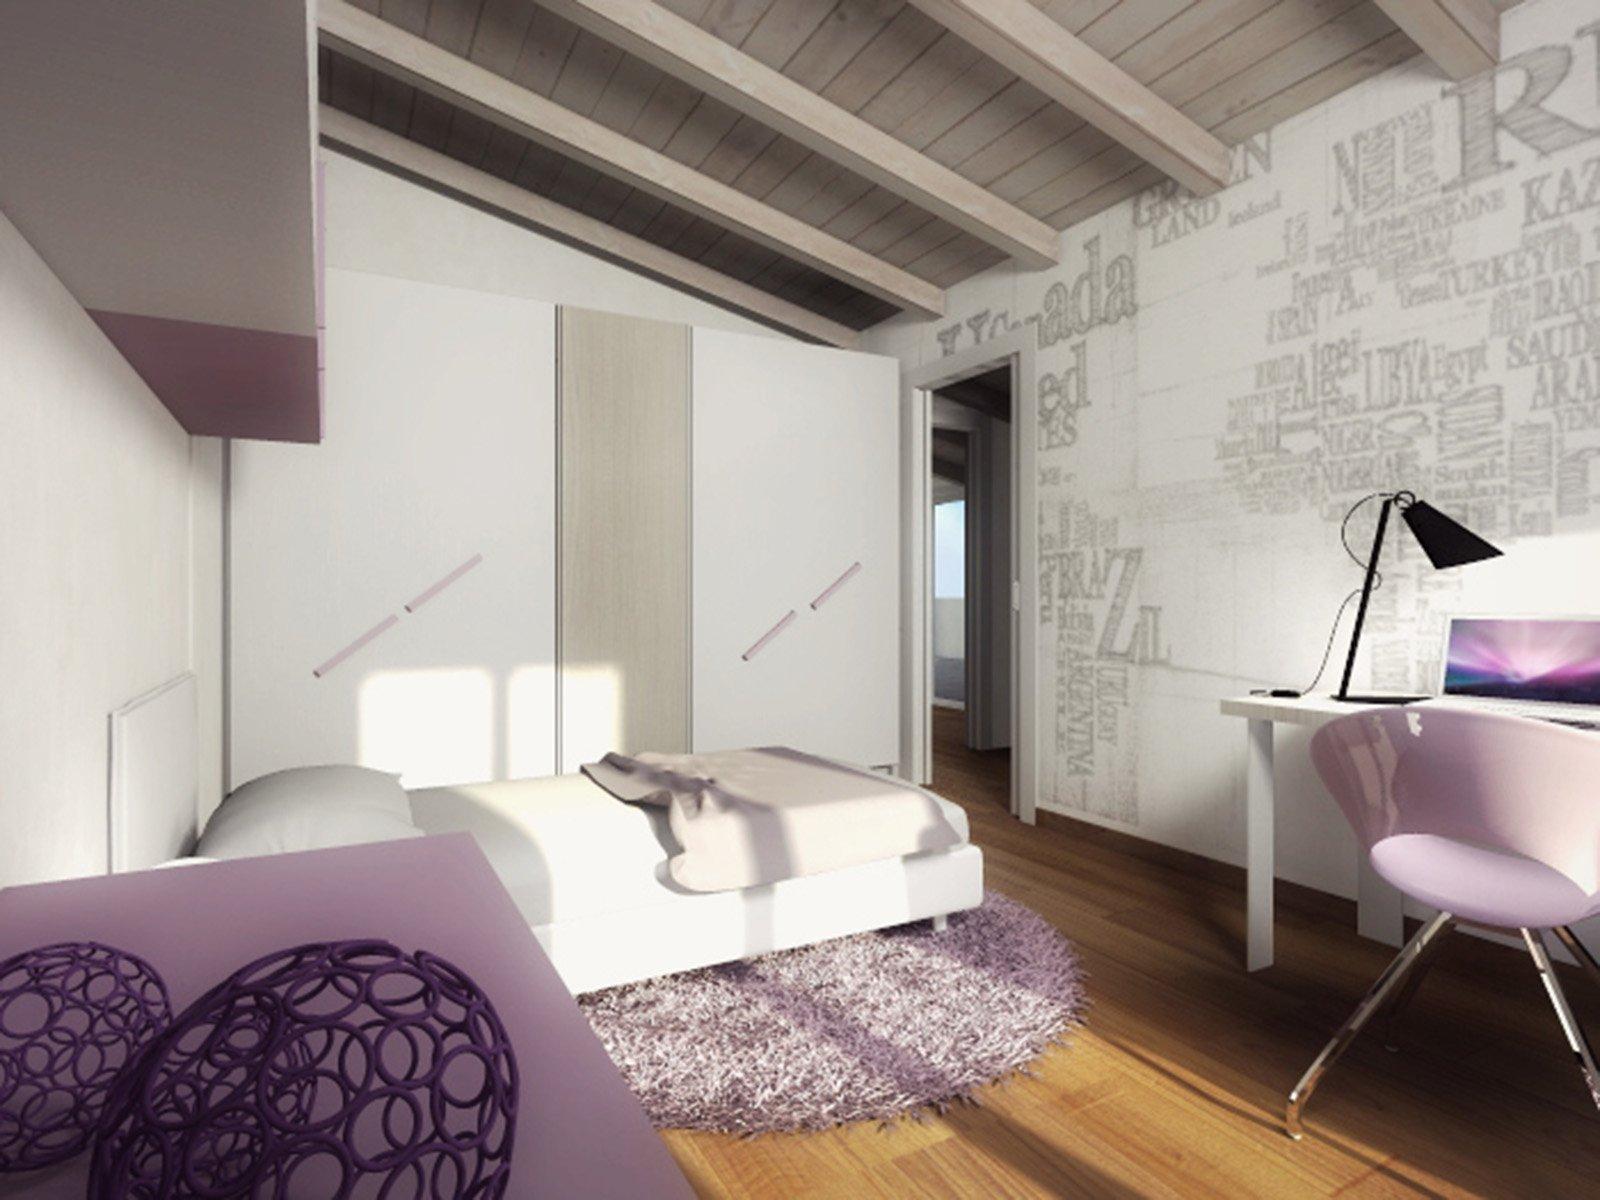 Casa mansarda cameretta zalf 2 cose di casa for Piccoli progetti di casa contemporanea